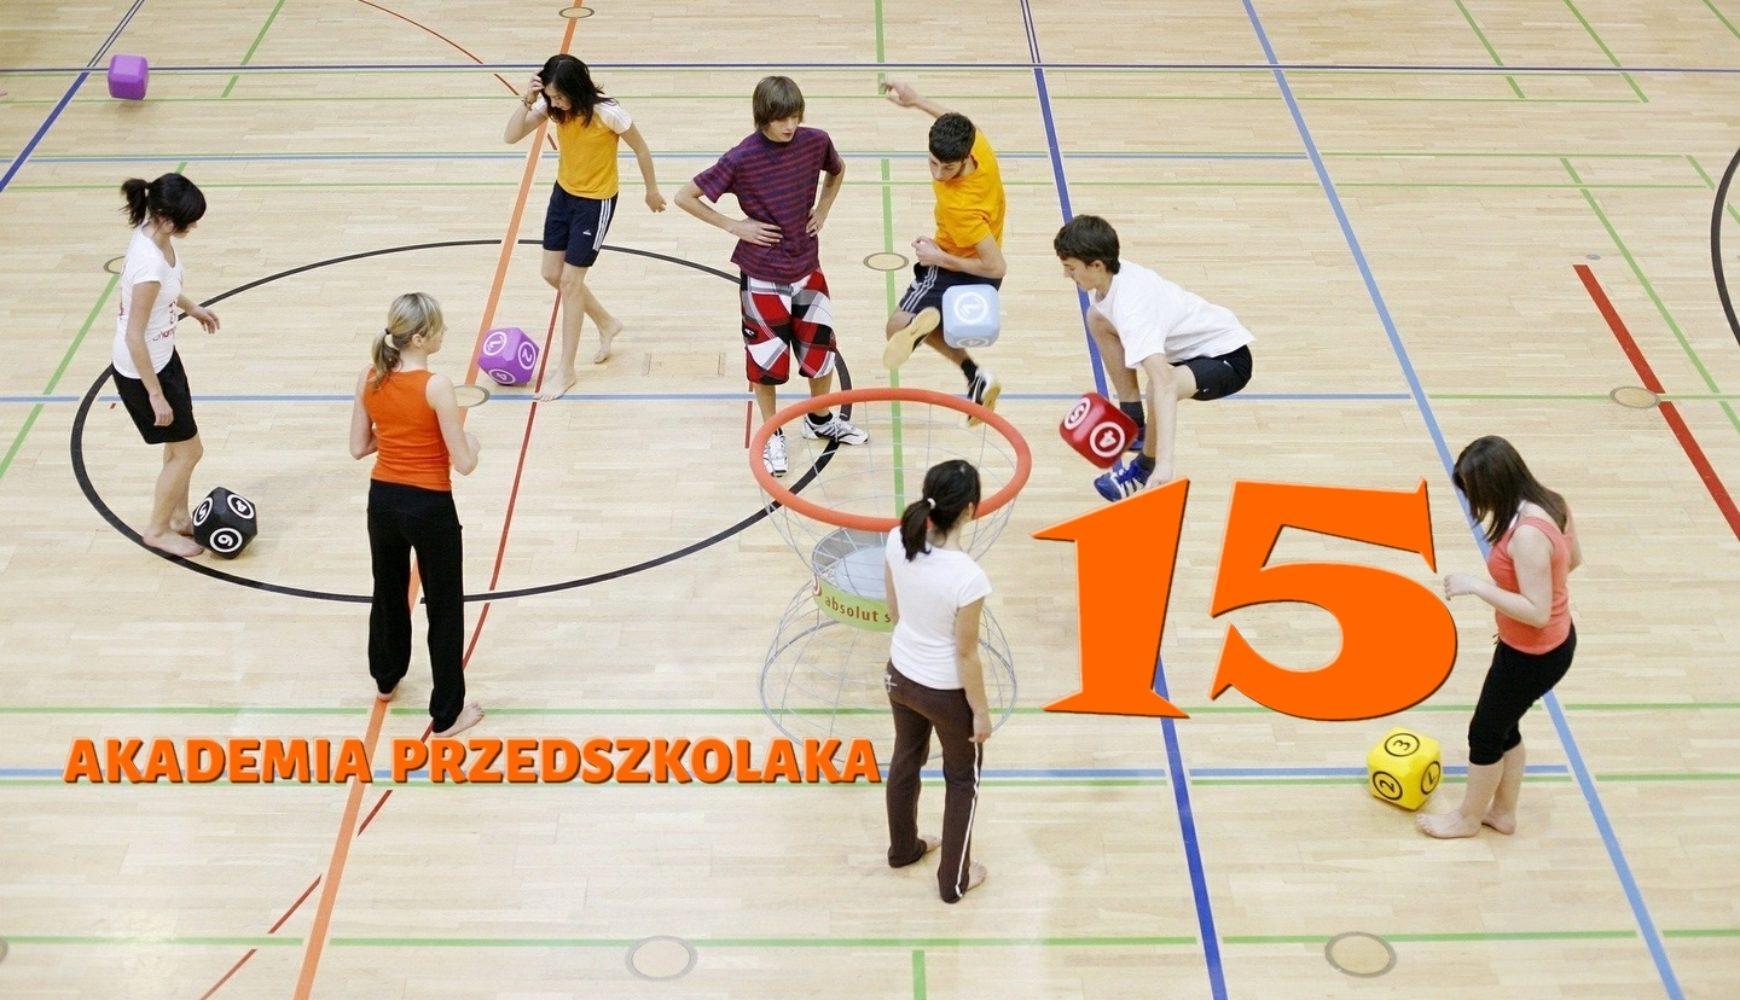 Ćwiczenia domowe – 15 – Akademia Przedszkolaka